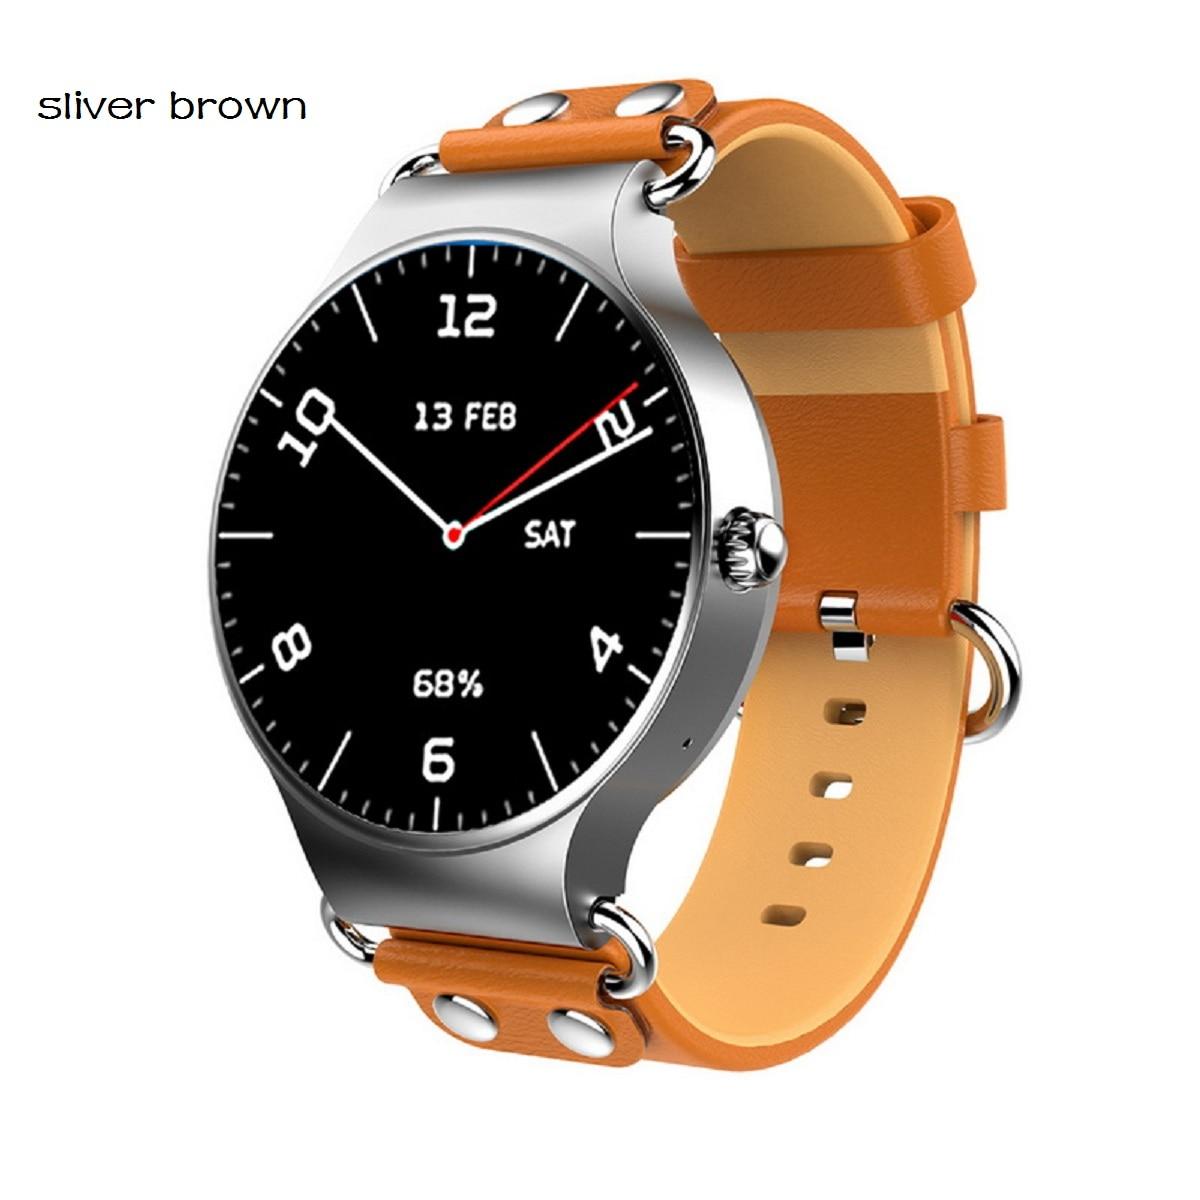 KW98 montre intelligente hommes Android 5.1 3G WIFI GPS montre Smartwatch pour iOS Android PK hommes vie étanche téléphone Smartwatch